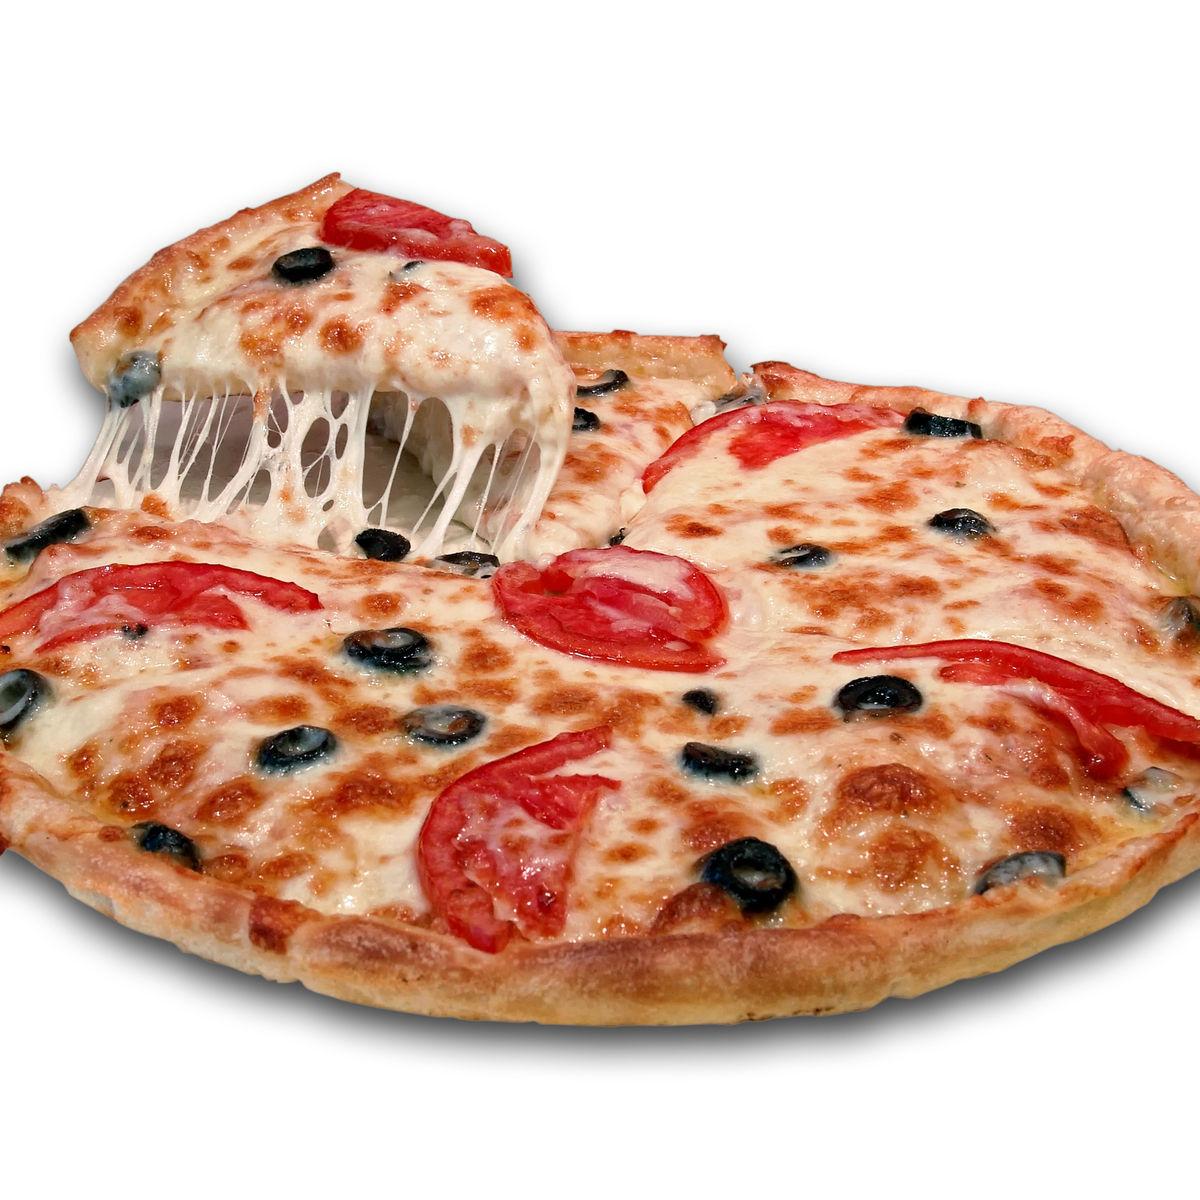 Pizza tqp5qg